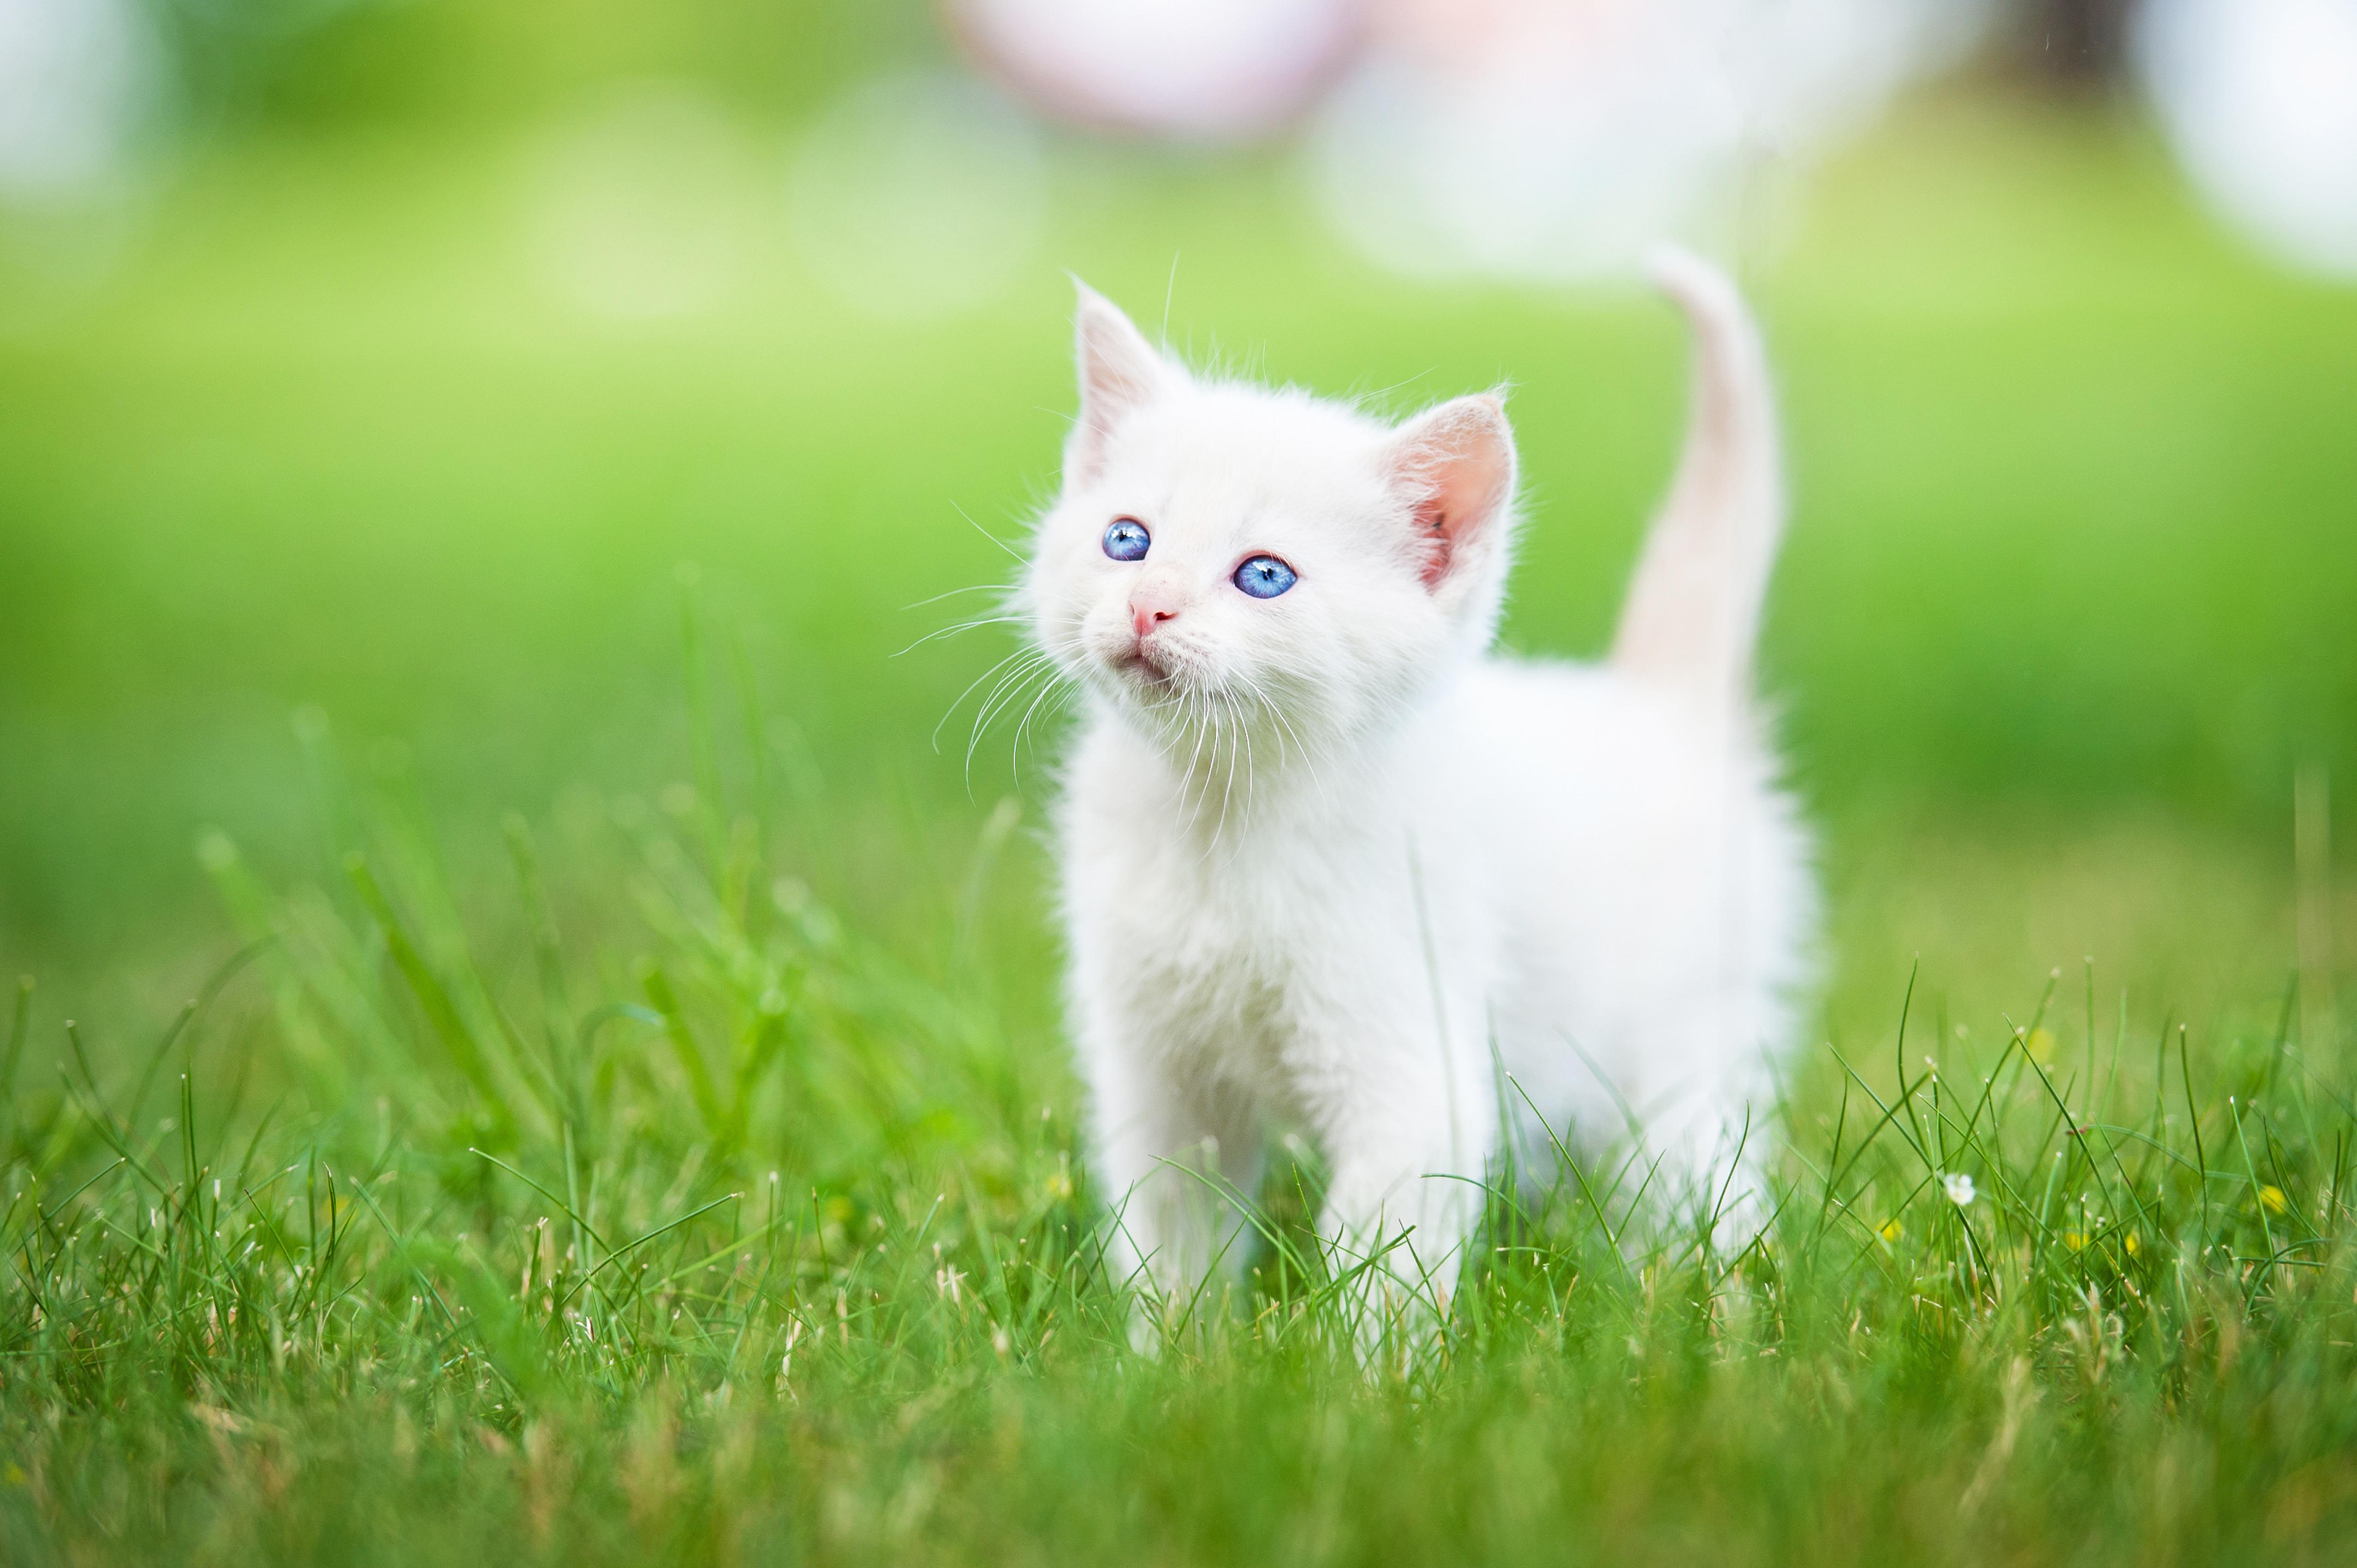 простые, картинки котов и котят красивые можно увидеть снимках